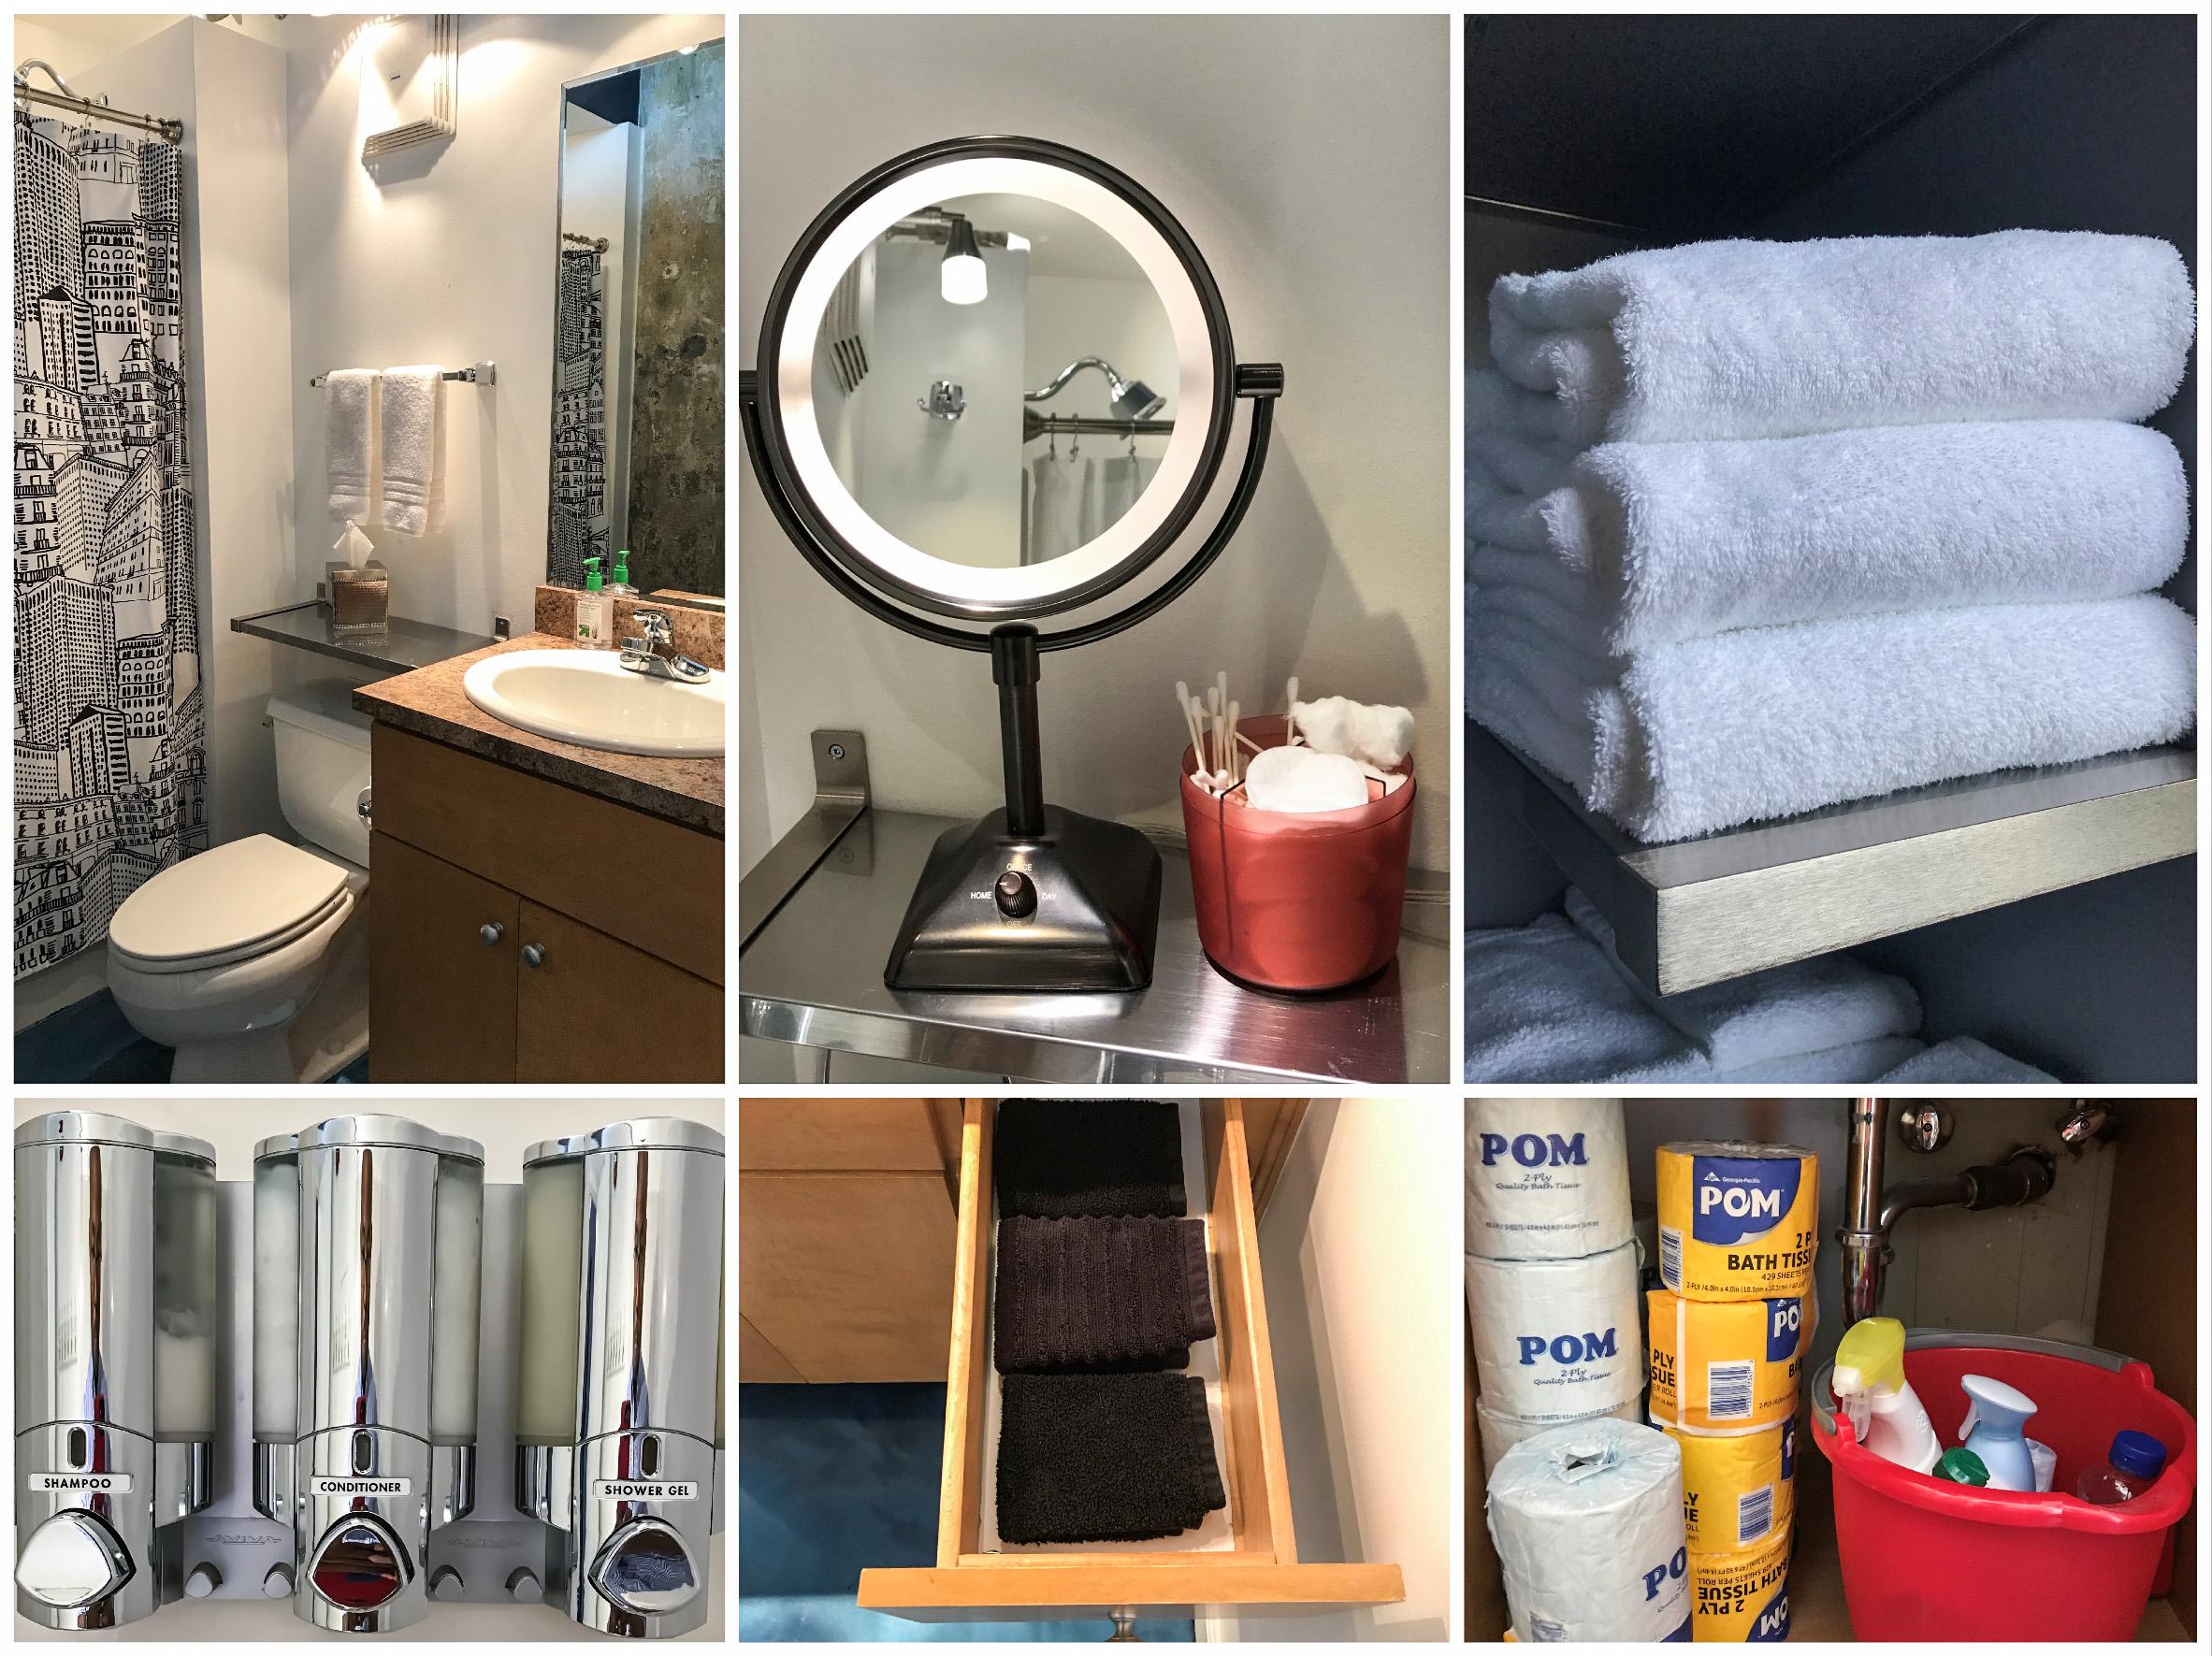 Loft Reverie Hotel 805 - Bathroom Amenities + Towels + Soap + Vanity Mirror + Hair Dryer